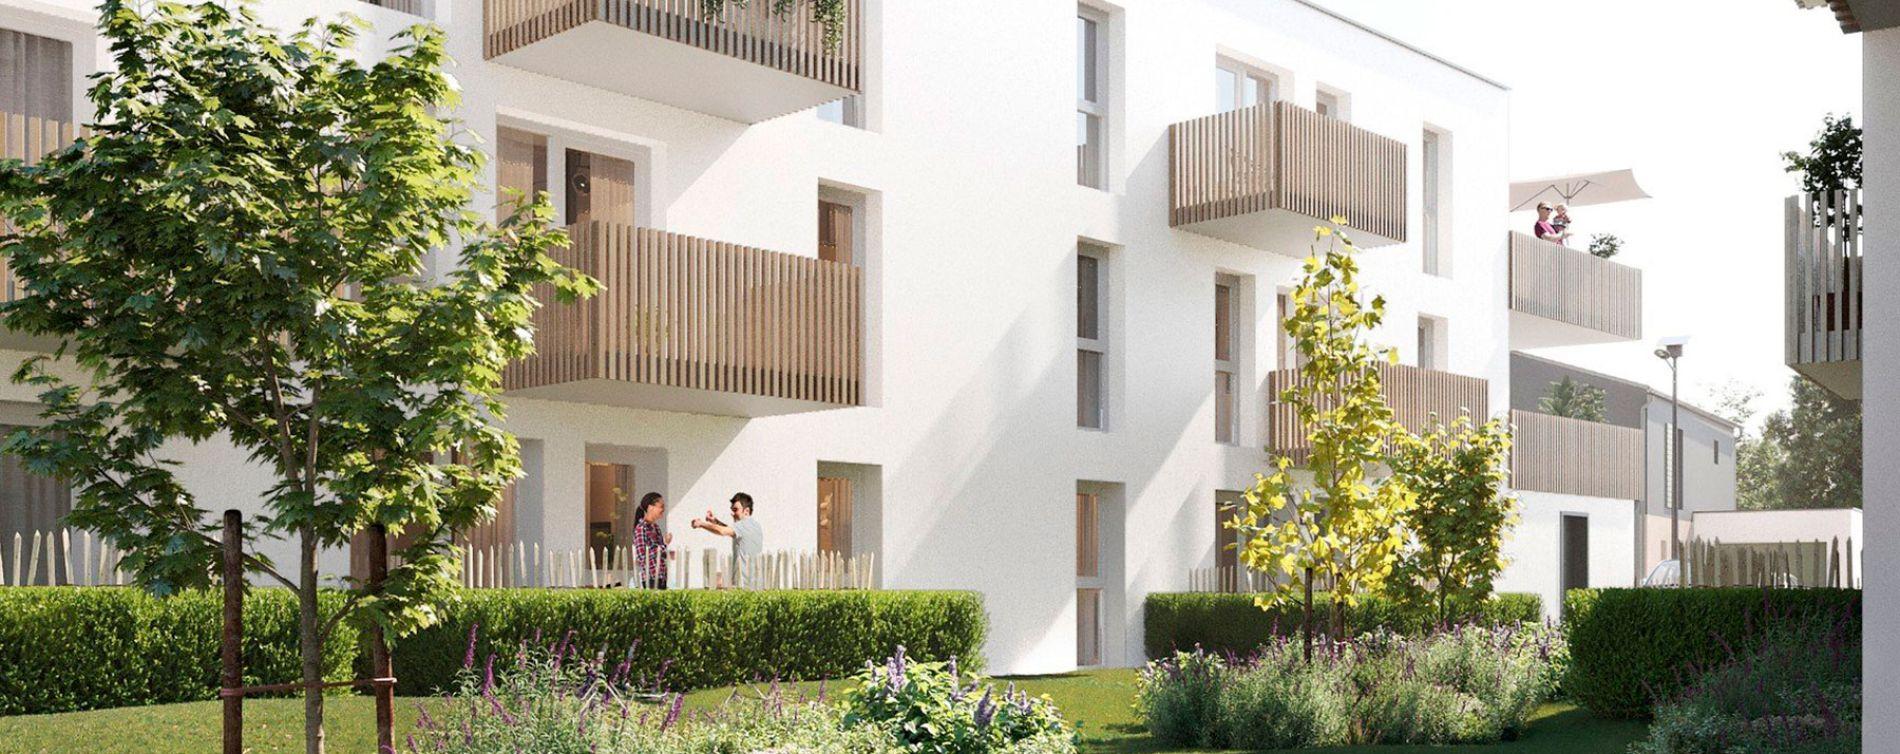 Résidence Utopia à Poitiers